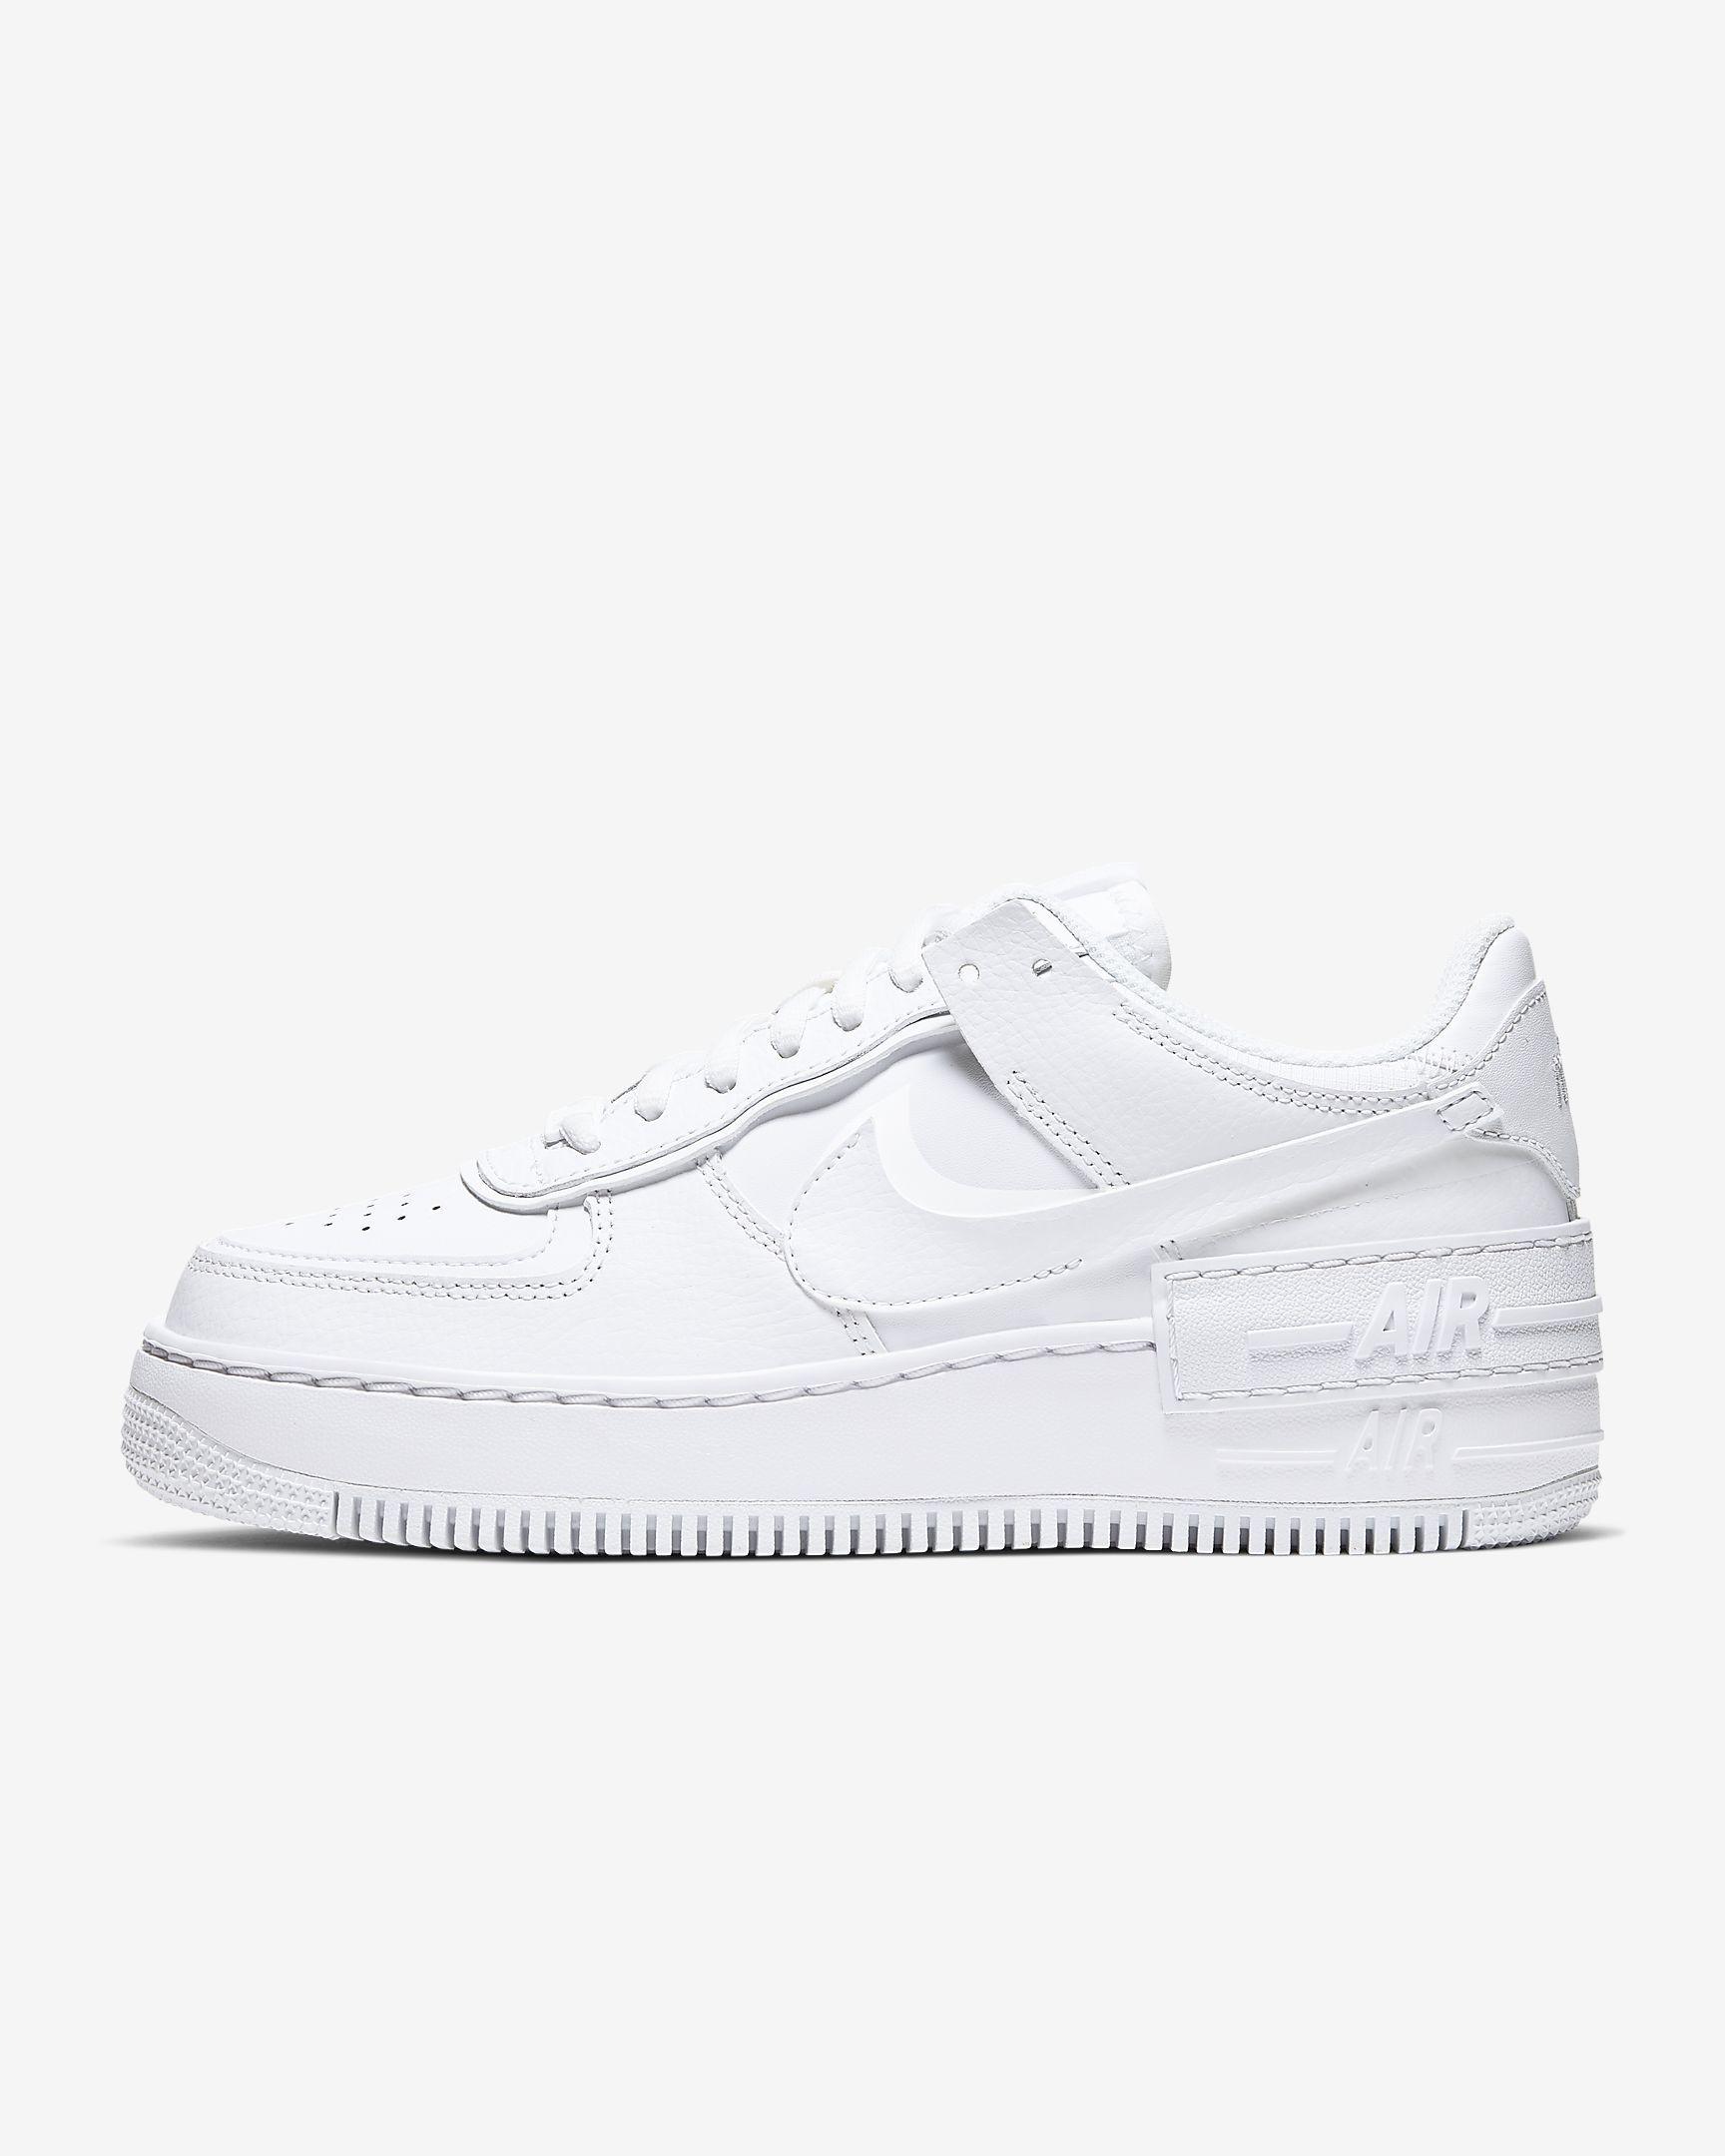 Millie Bobby Brown Wears Platform Nike Air Force 1 Sneakers